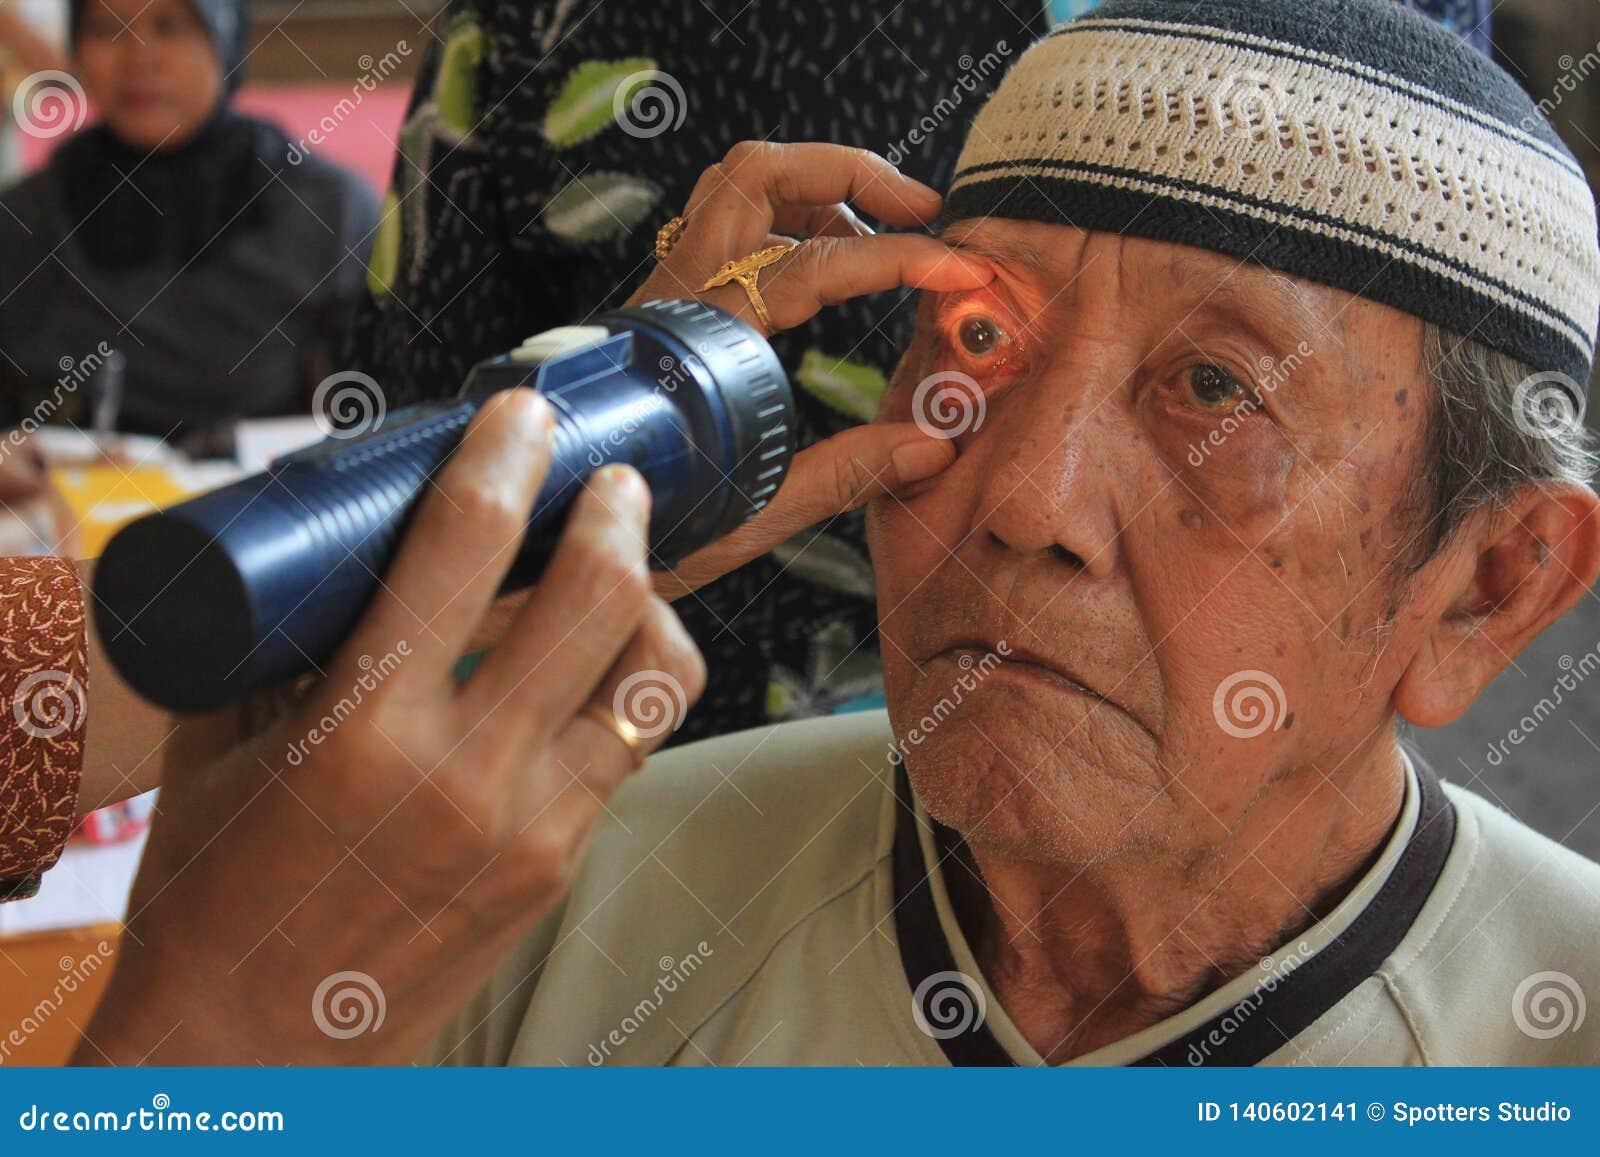 Surabaya Indonesia, puede 21, 2014 un ayudante de sanidad está comprobando los ojos del paciente